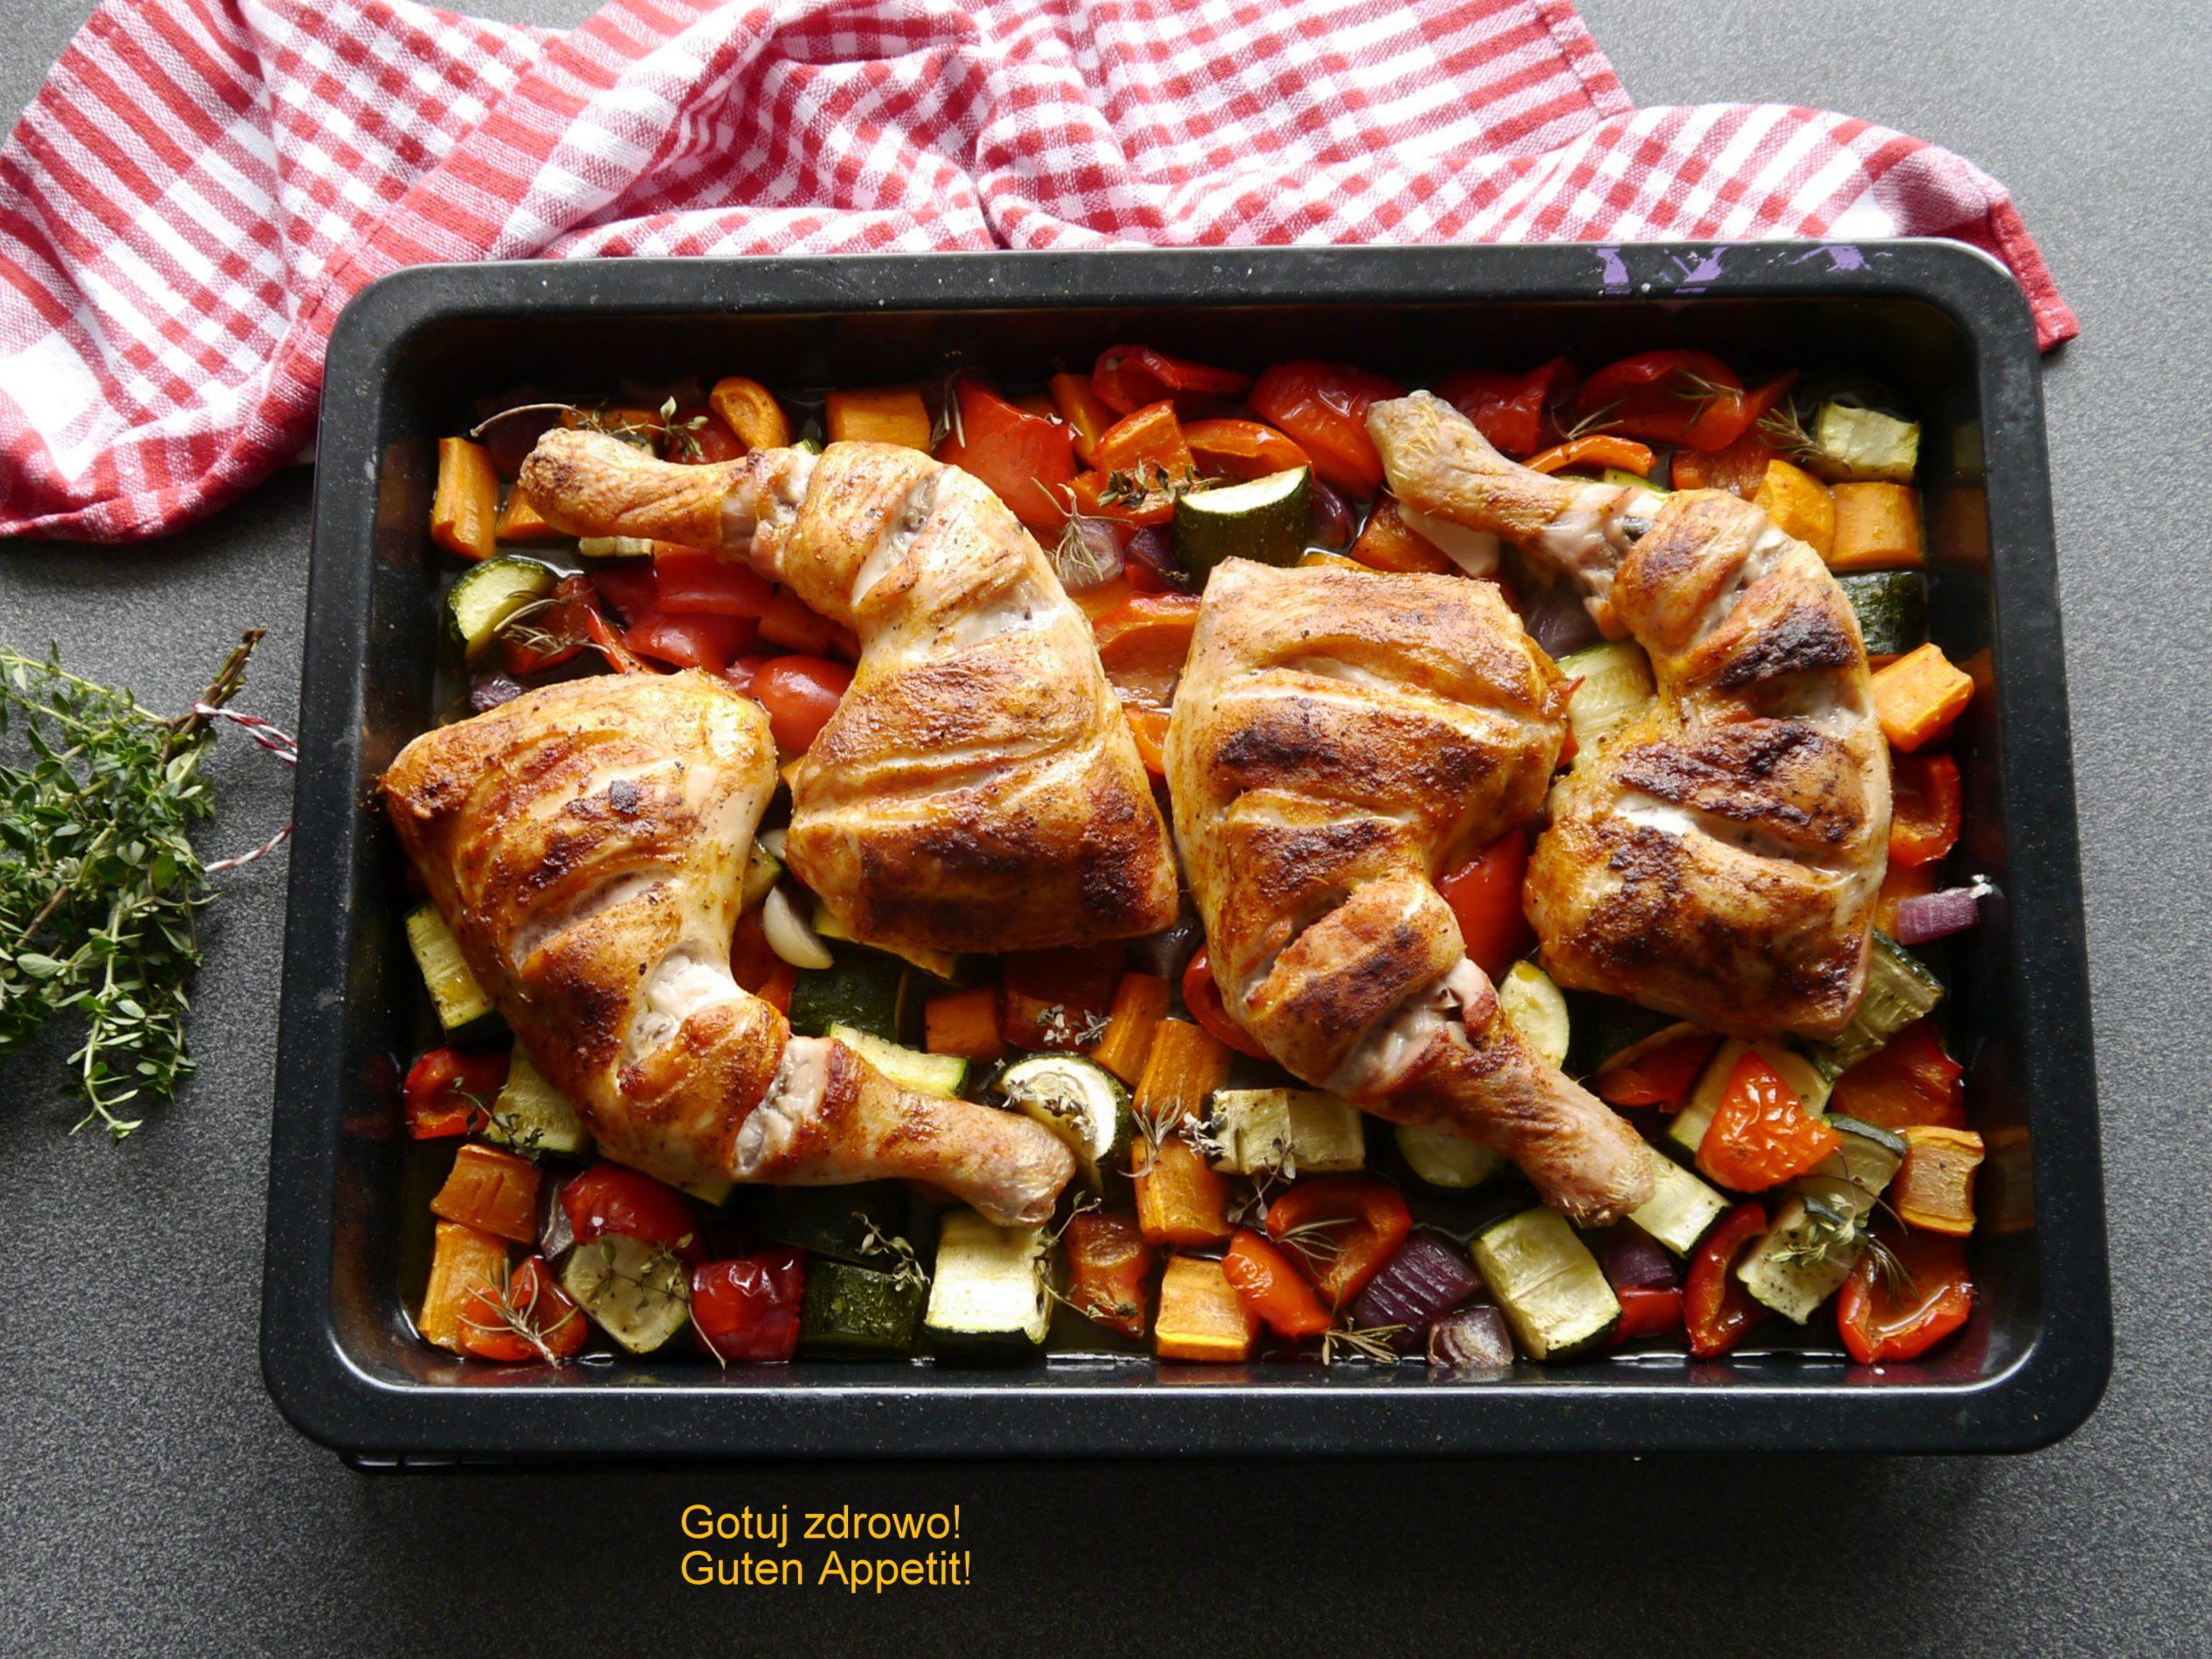 Udka kurczaka z warzywami - obiad z piekarnika